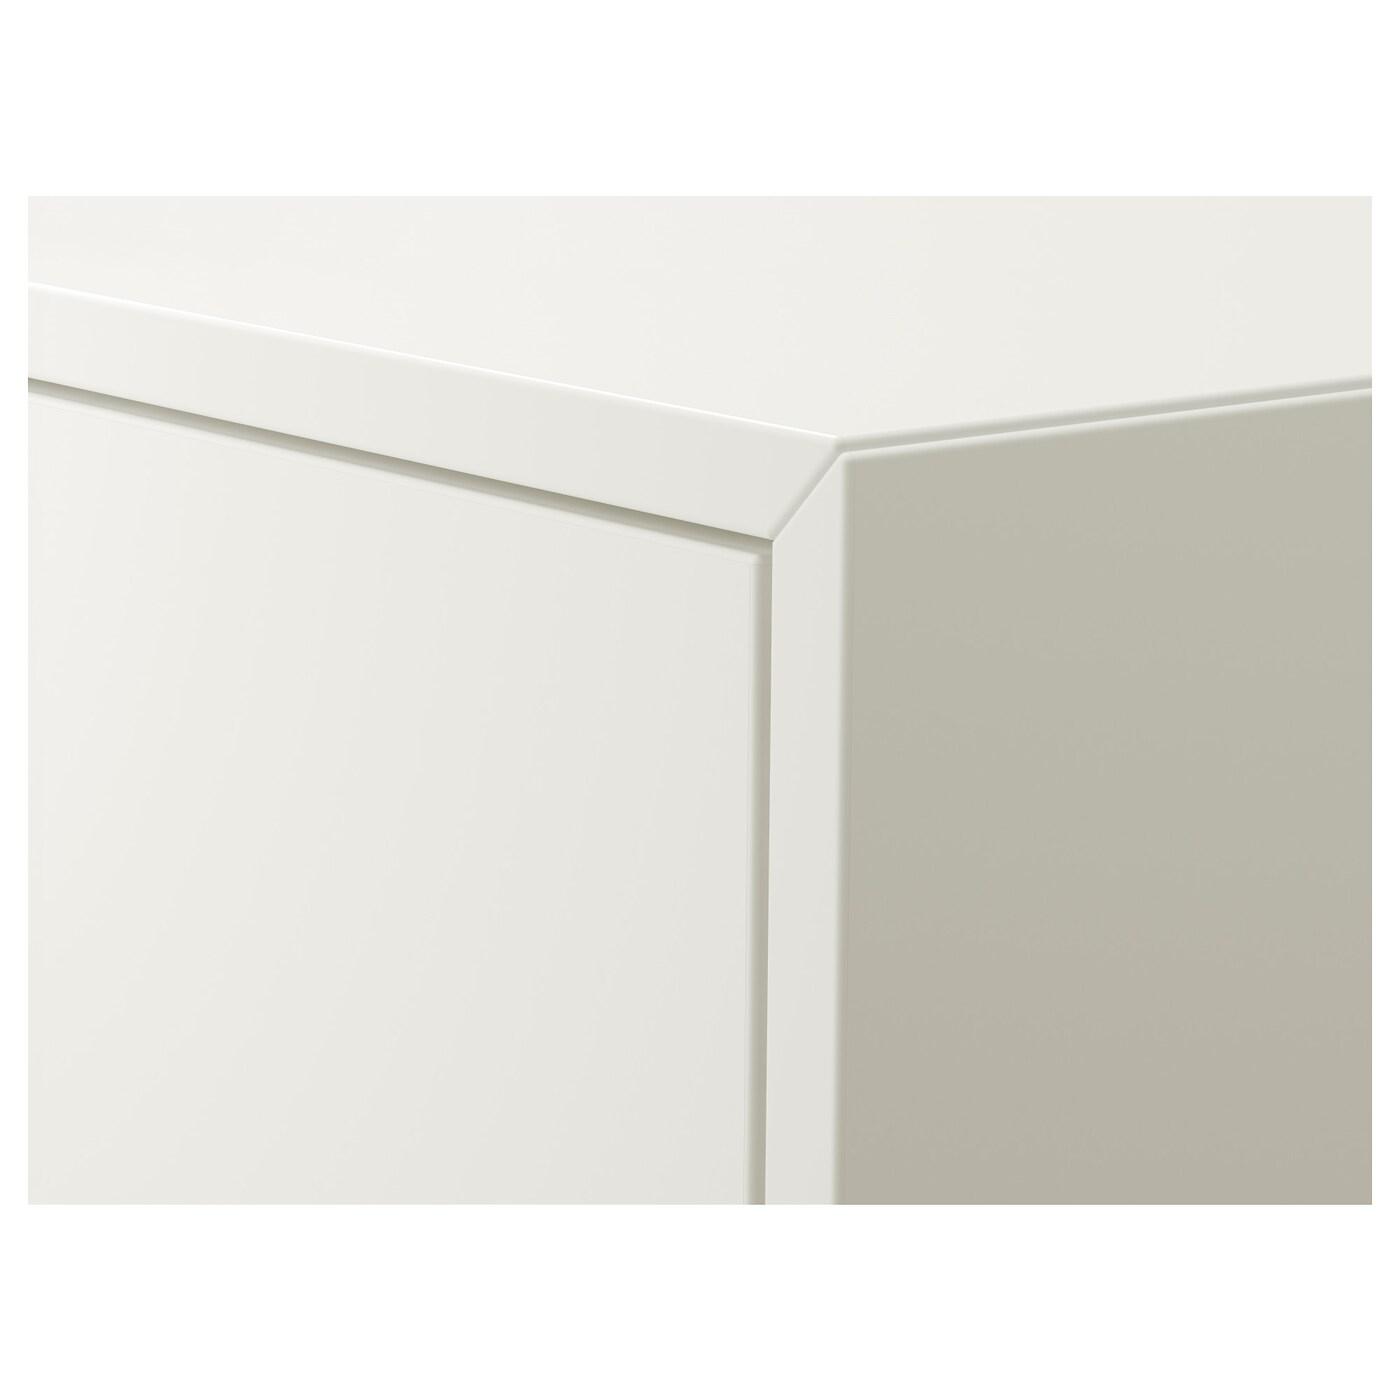 EKET Kast met deur, wit, 35x35x35 cm